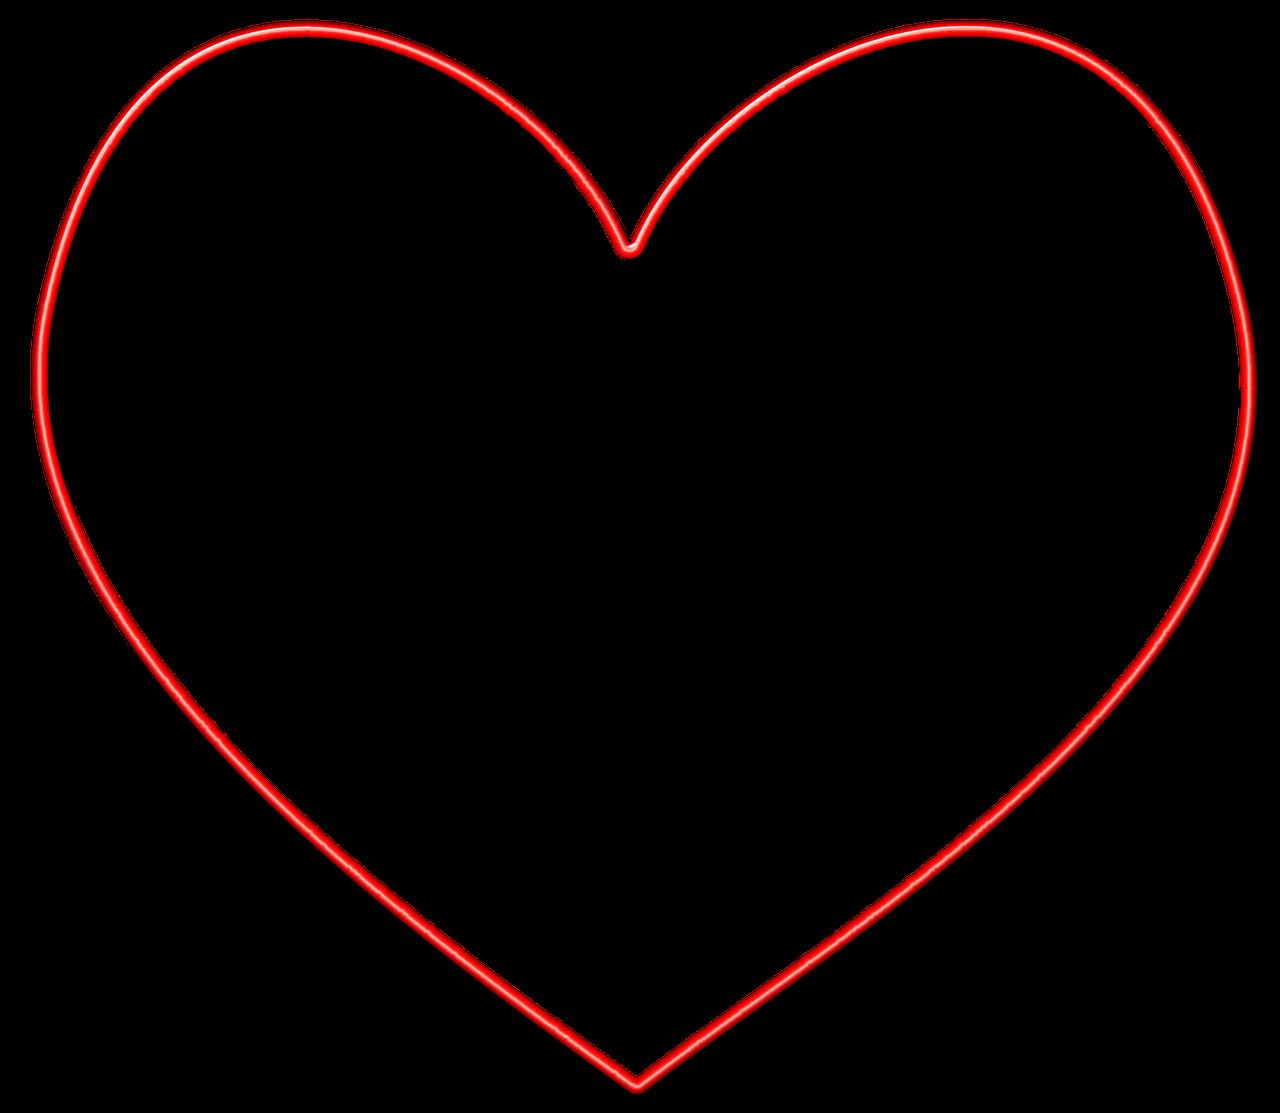 imagen de corazon - HD1280×1113